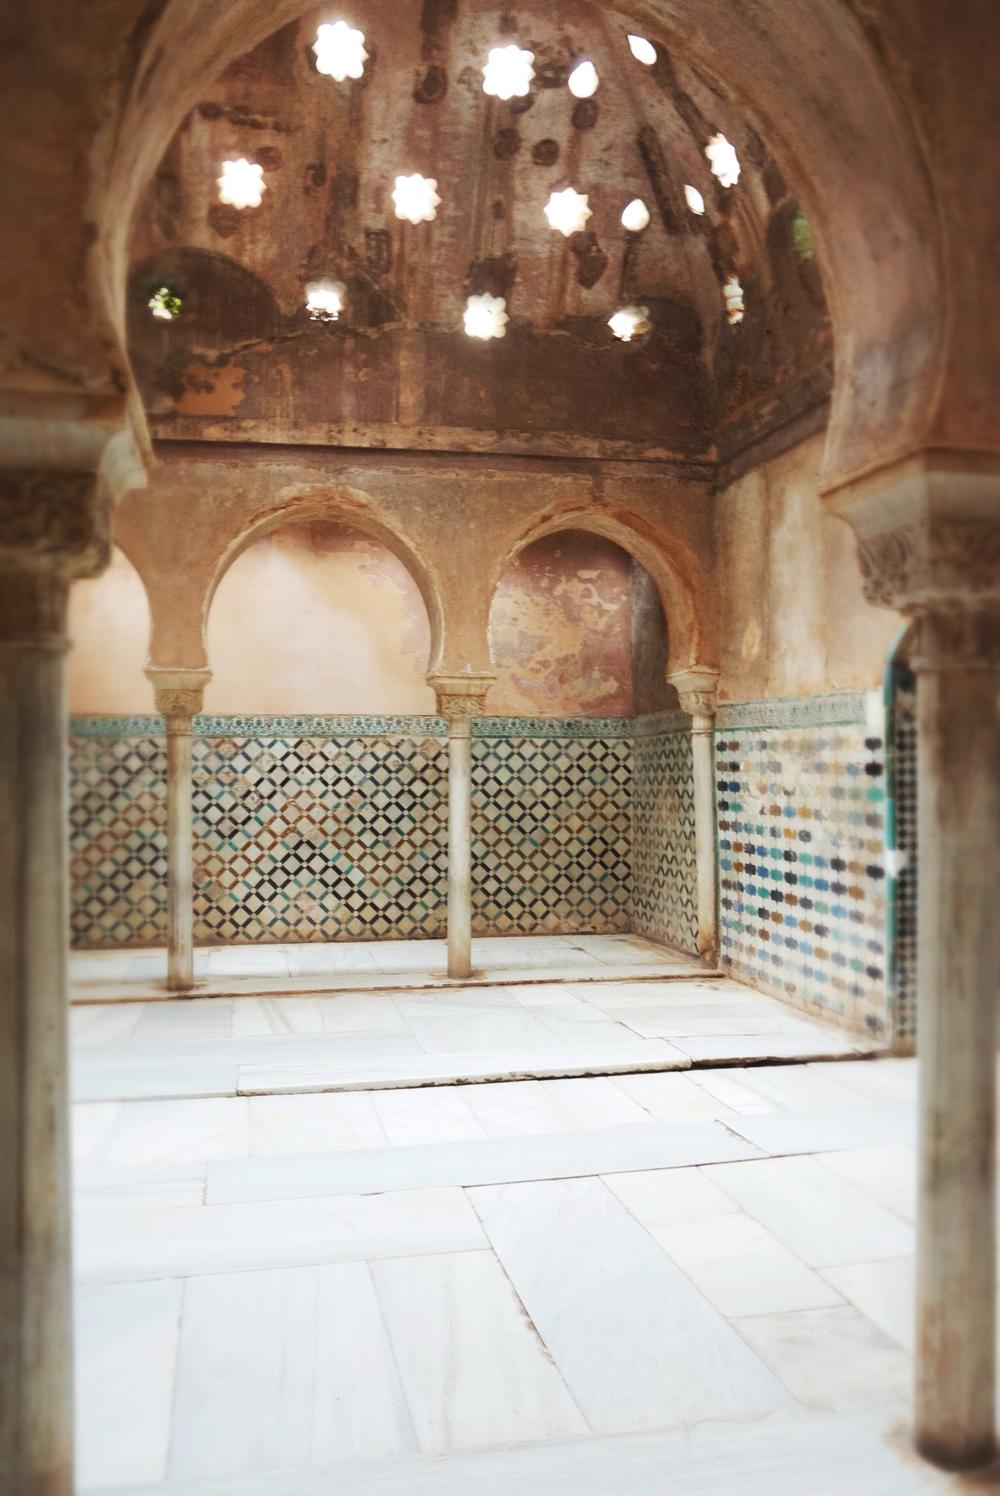 Royal bathhouse